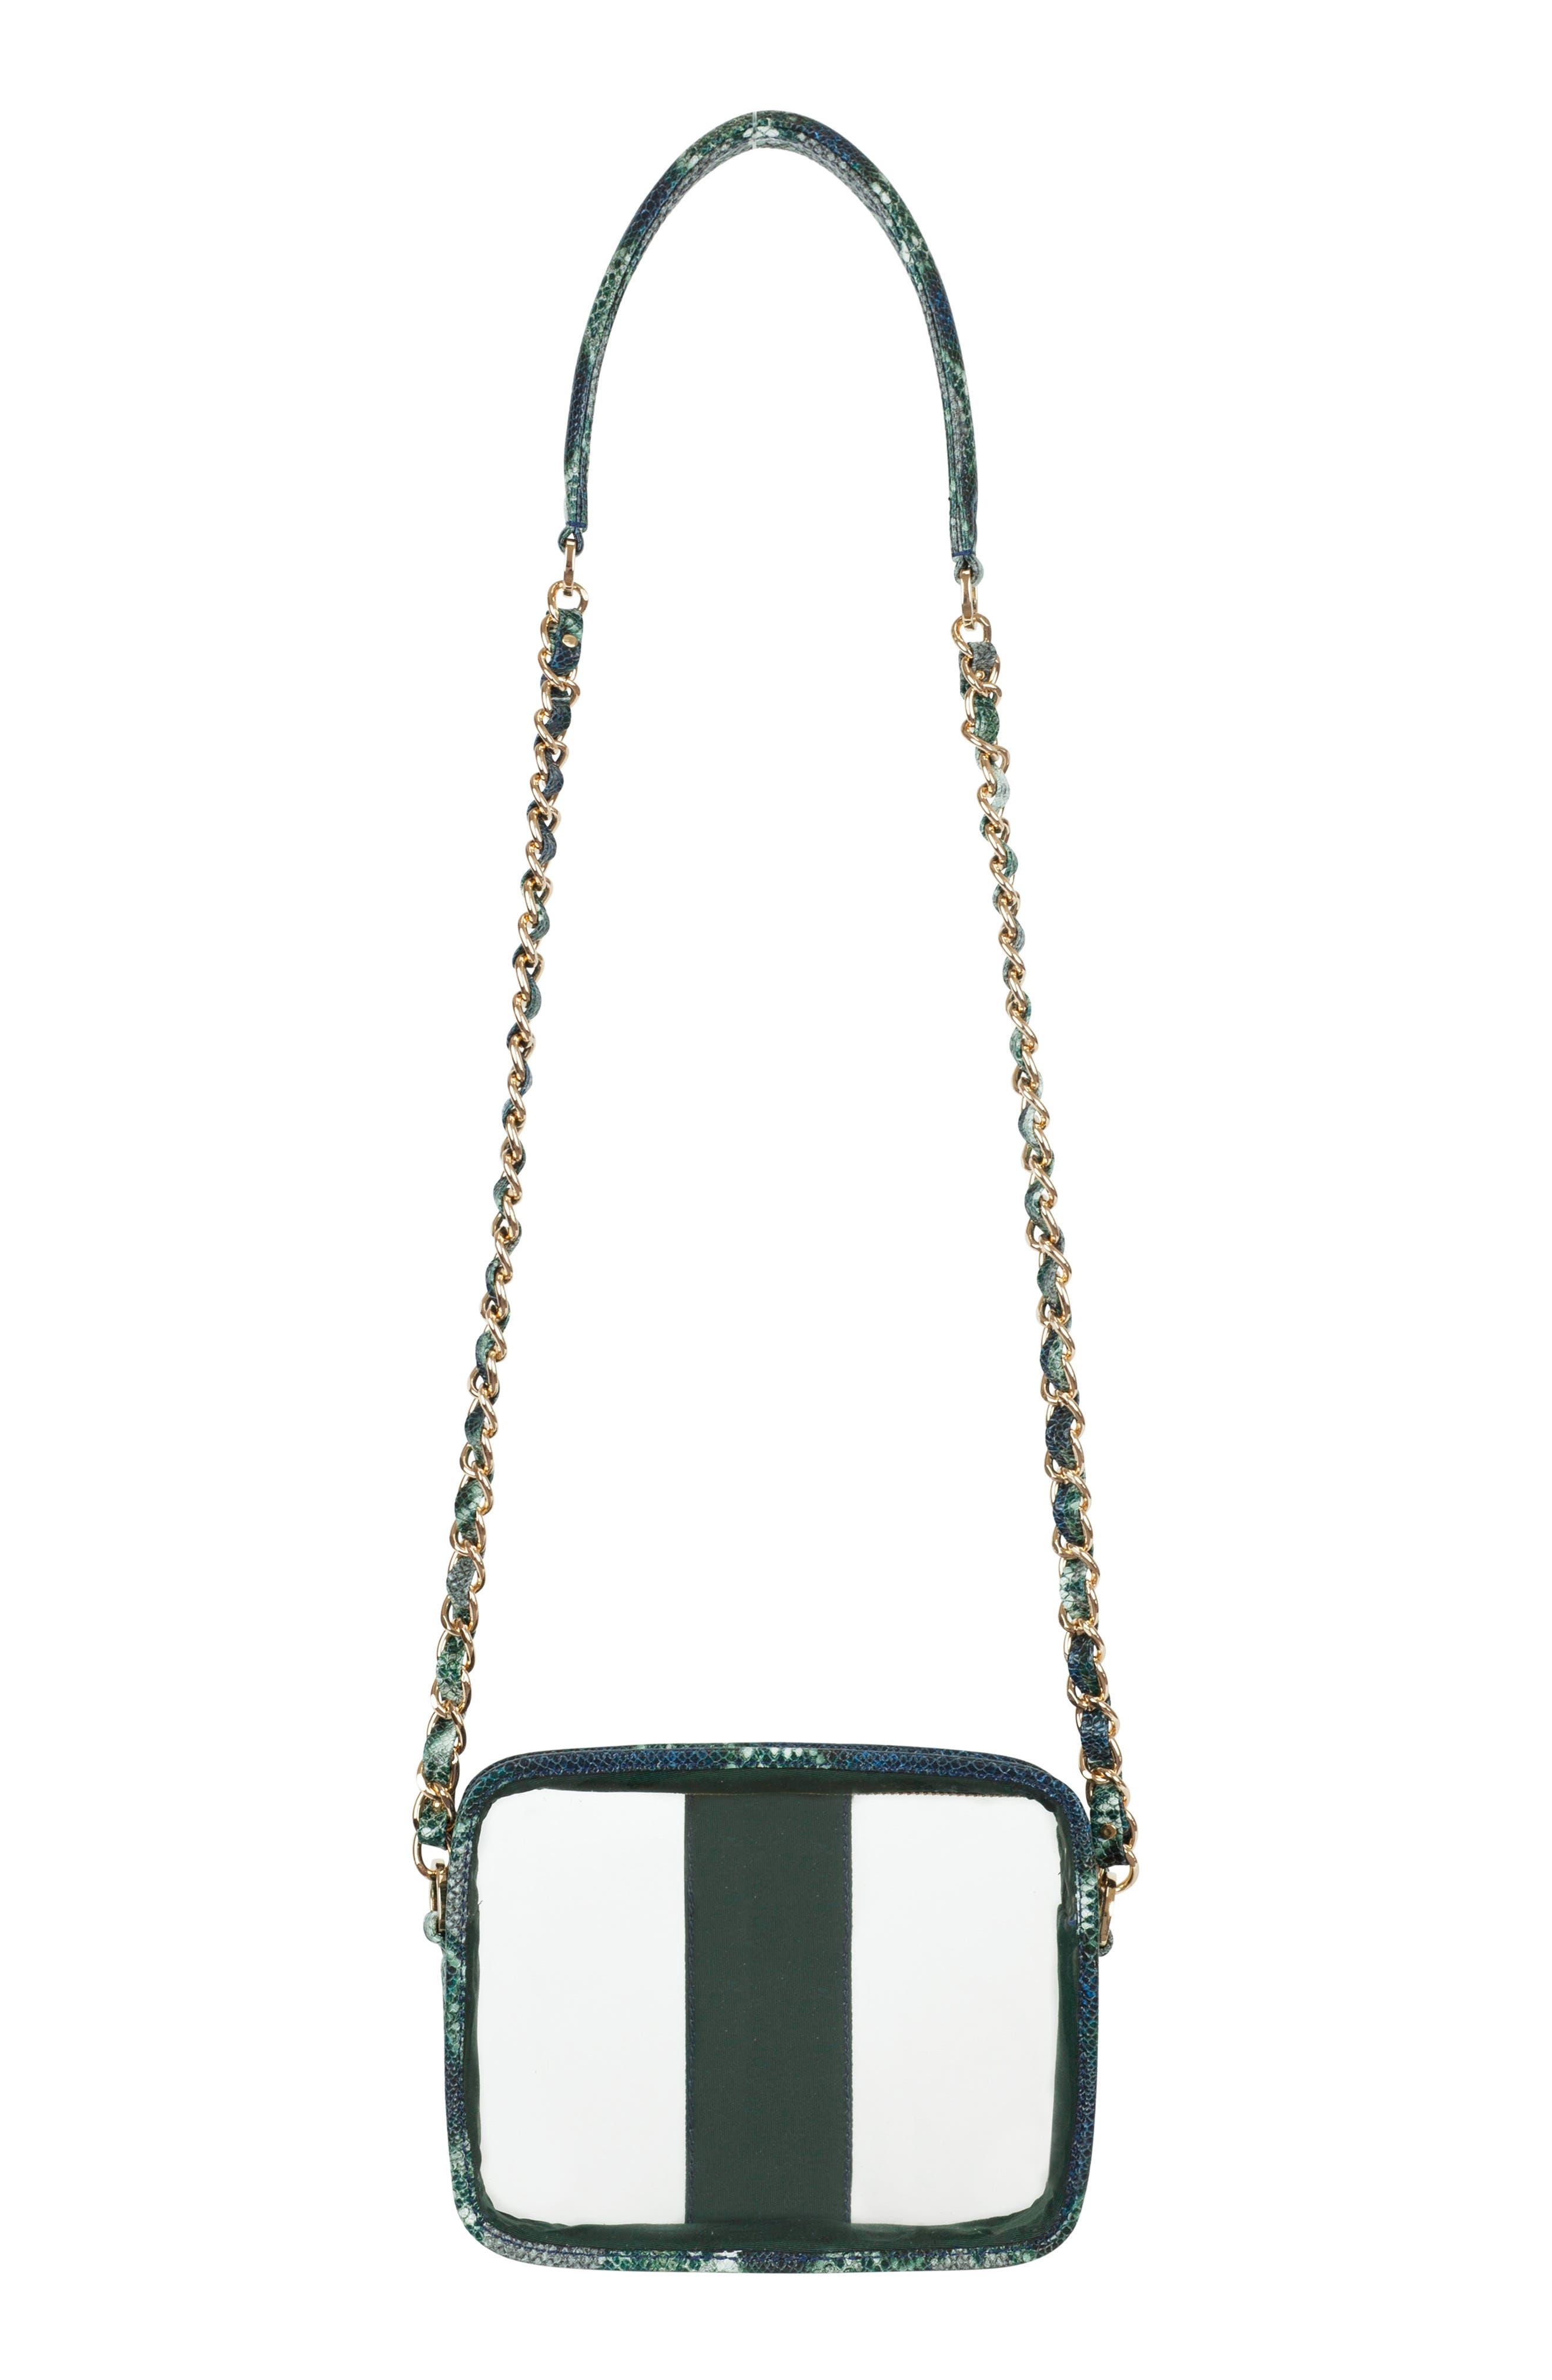 Clear Mingle Mingle Mini Crossbody Bag,                             Alternate thumbnail 2, color,                             GREEN MULTI PYTHON